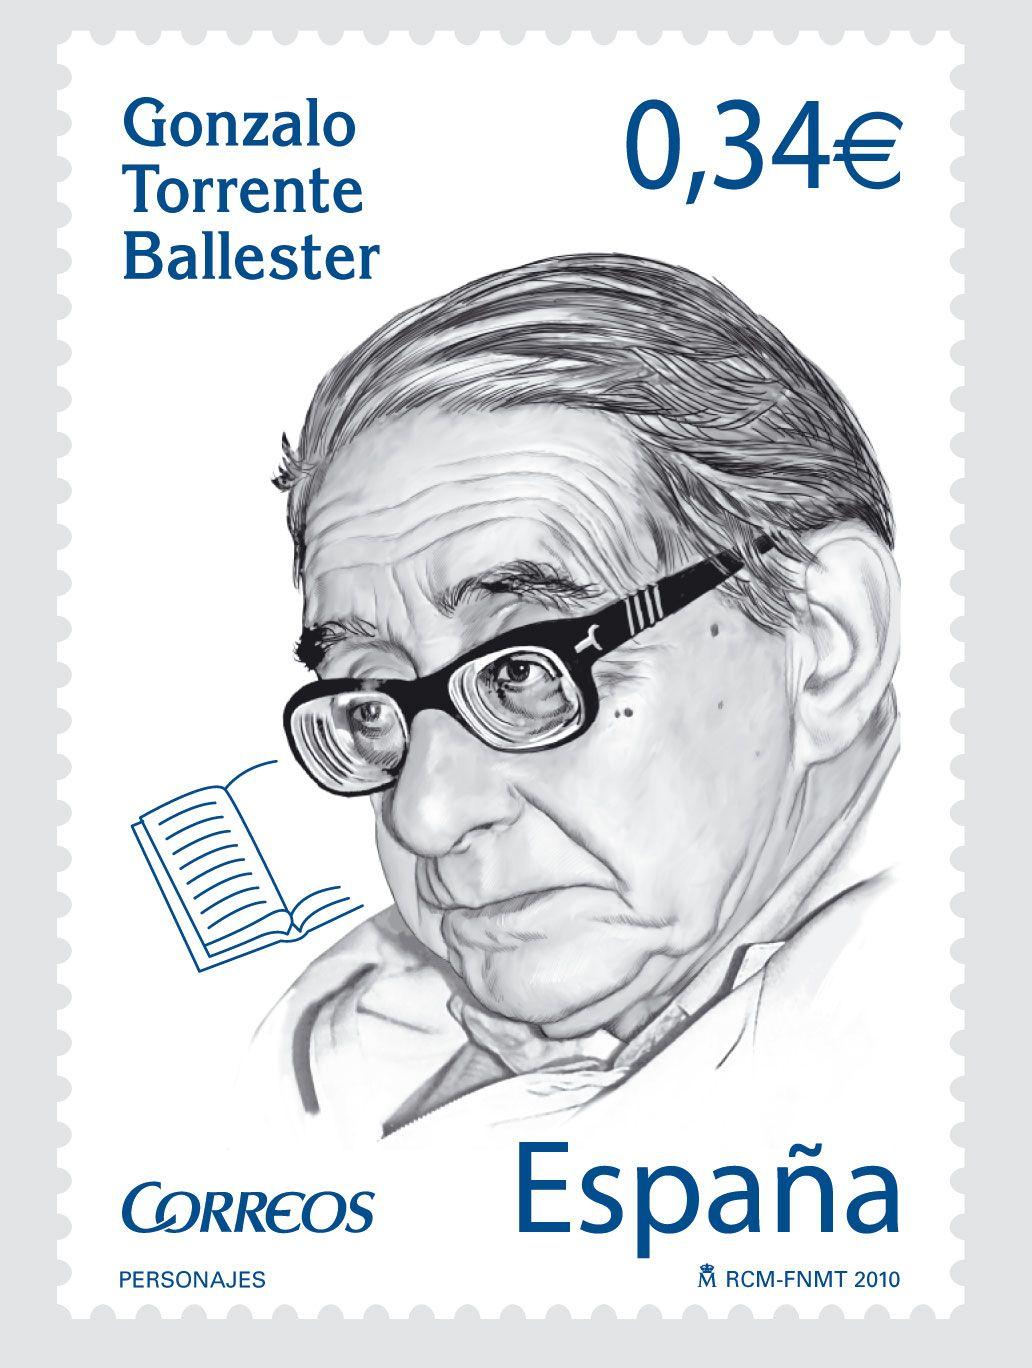 Emisiones de sellos - Correos